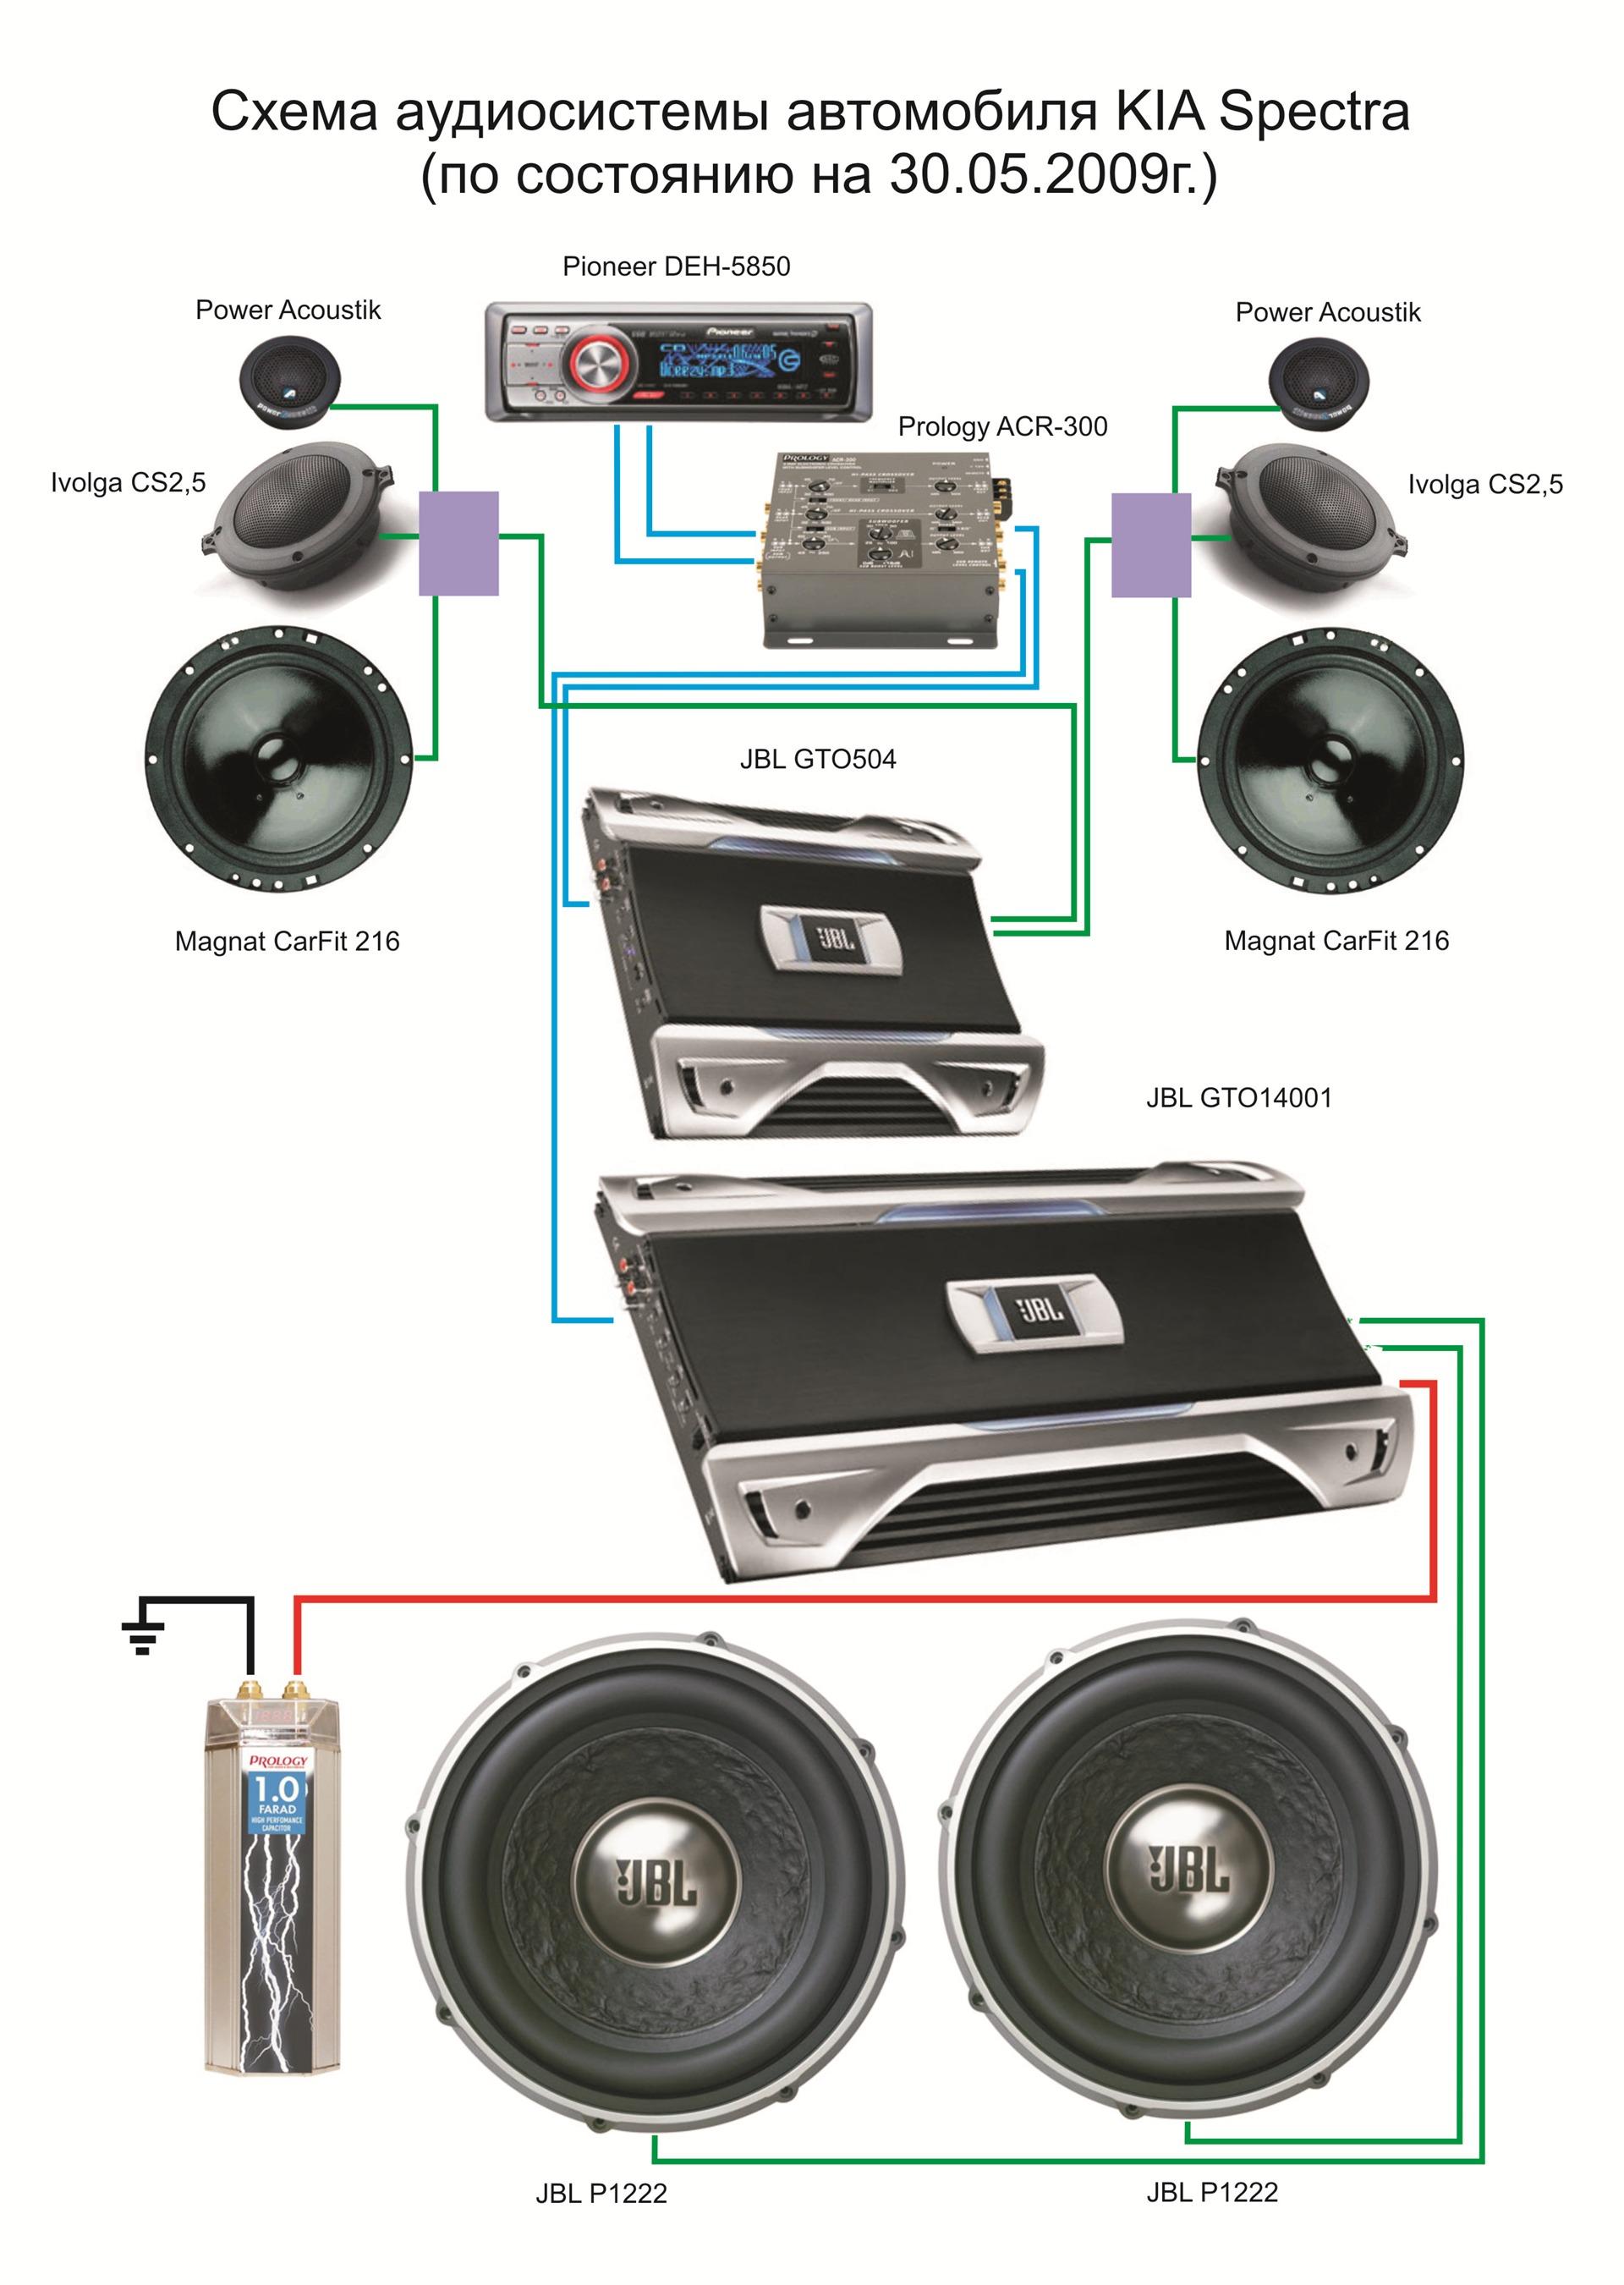 Схемы аудиосистемы авто